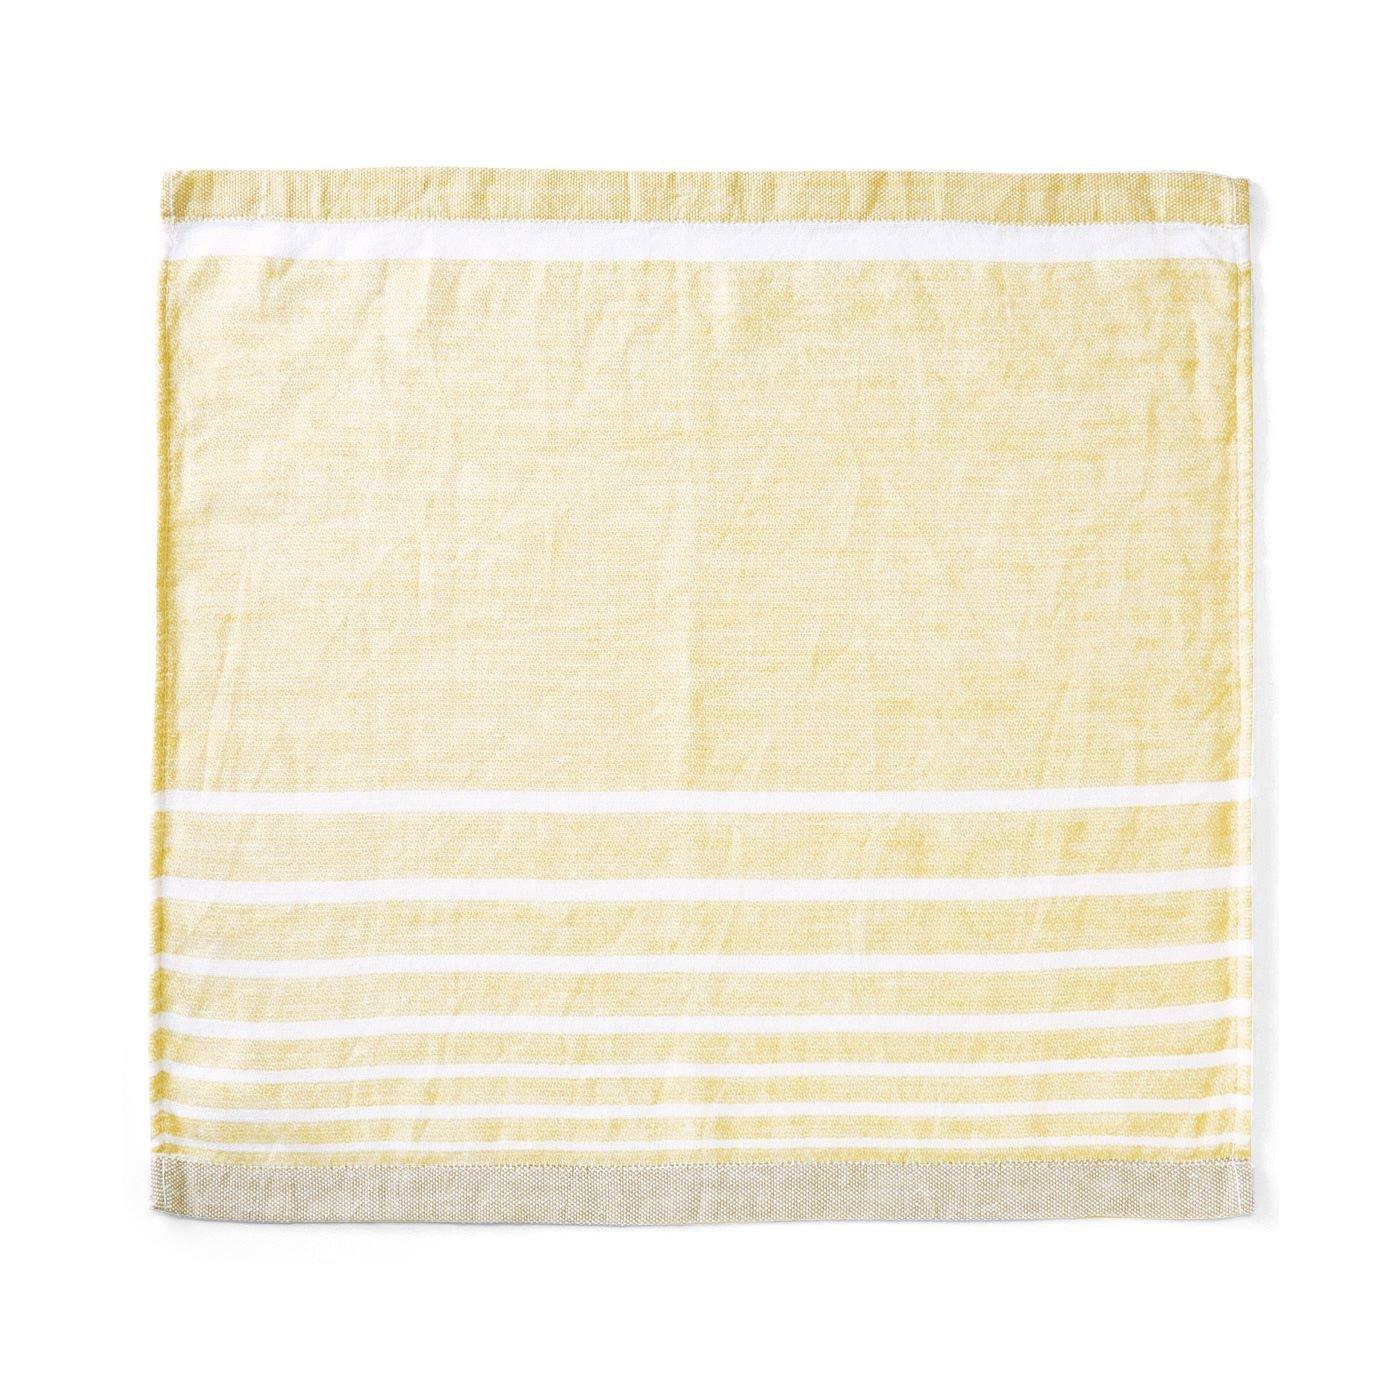 サンクチュアリ 綿100%無撚糸ガーゼに包まれる スクエアタオルの会